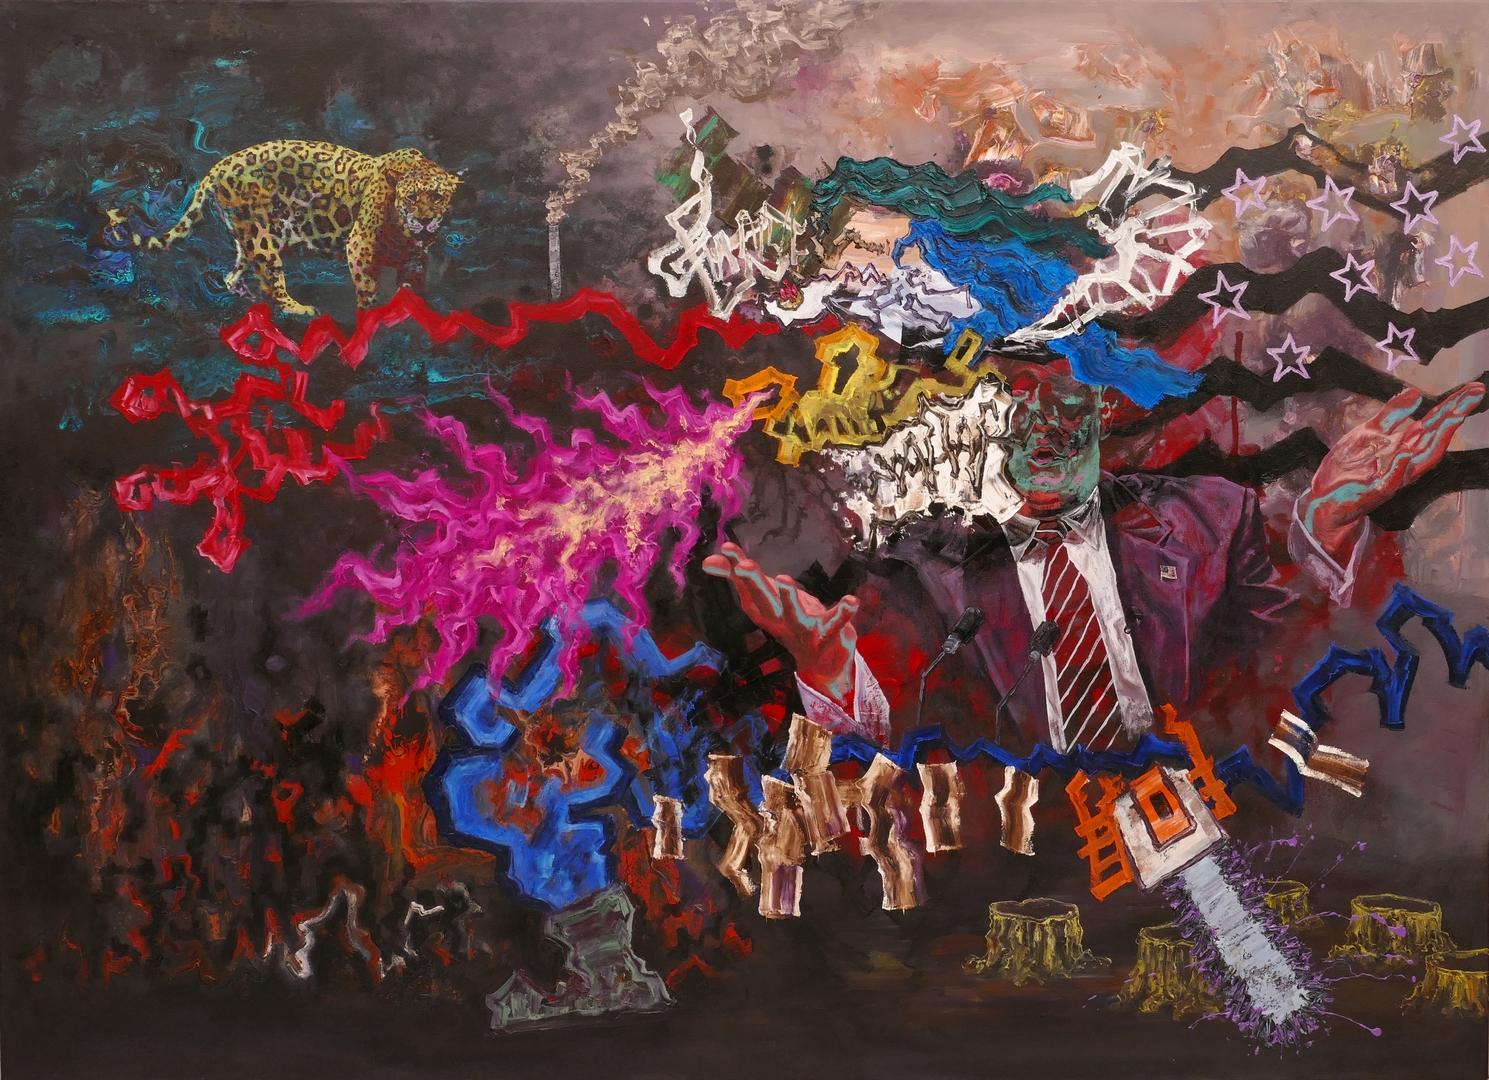 B, Das politische Monster, 130x180cm, Öl Acryl auf Leinwand, 2020